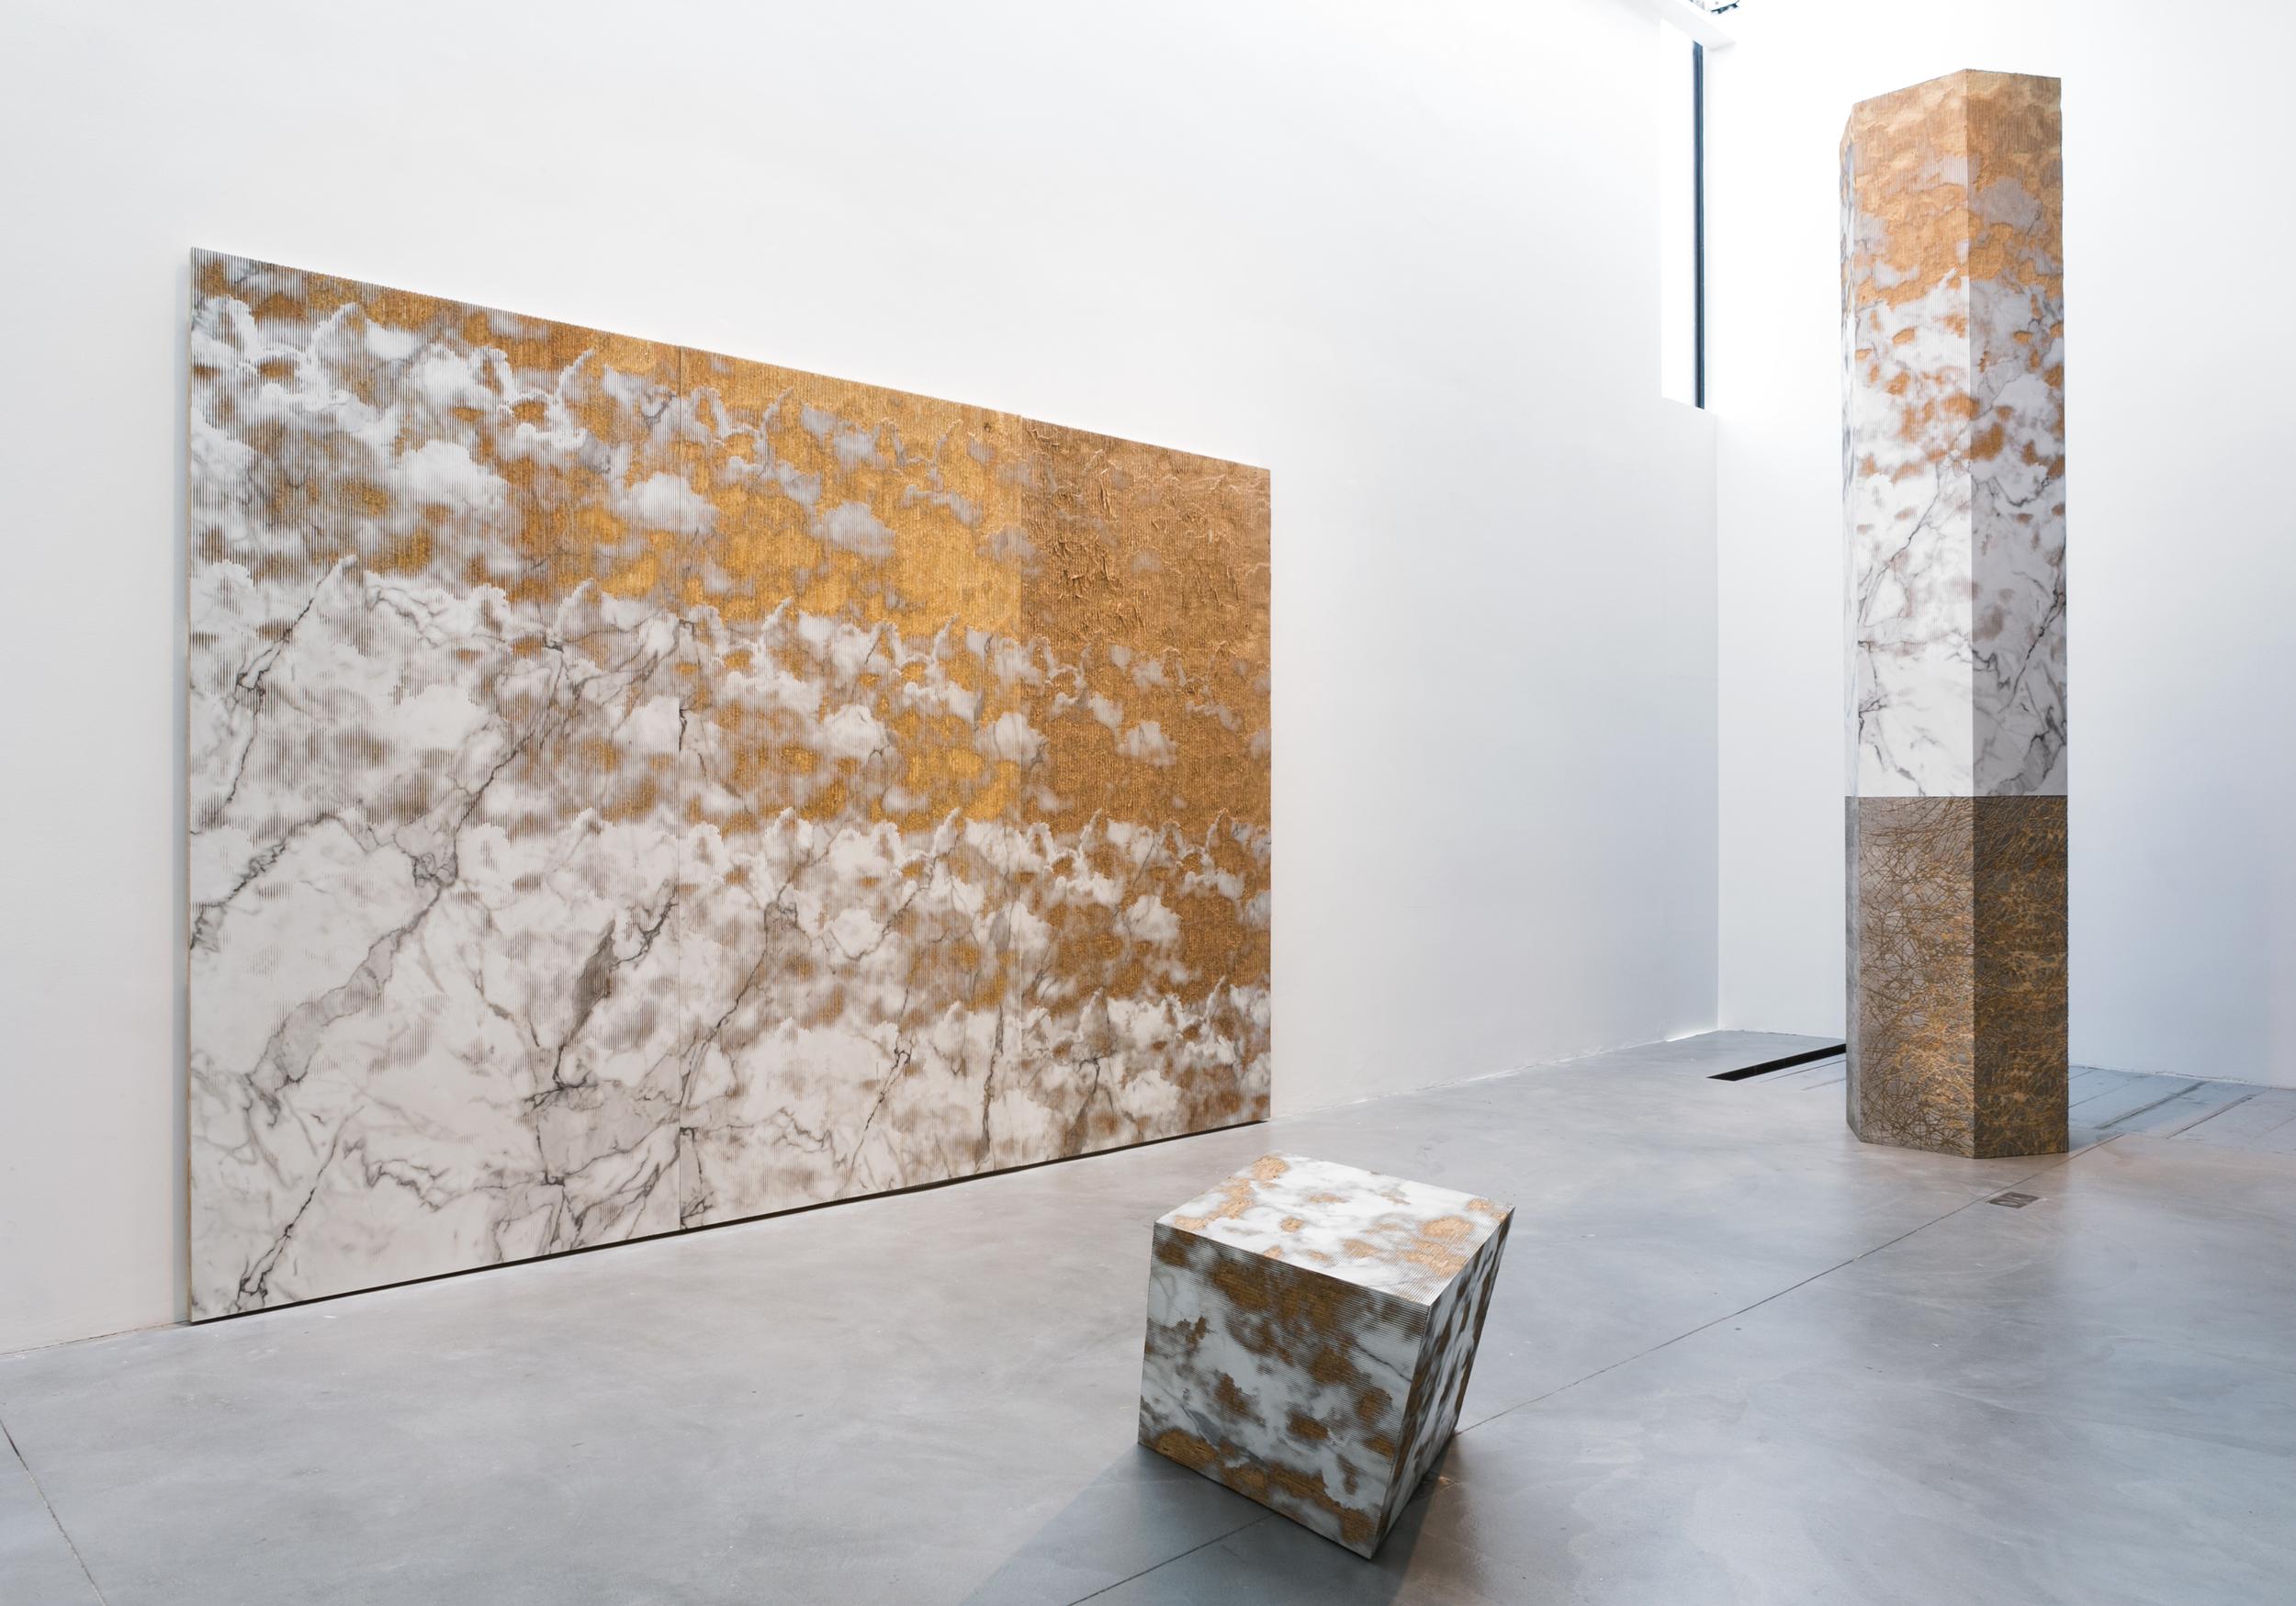 Michael DeLucia's La Pomme de Terre du Ciel exhibition